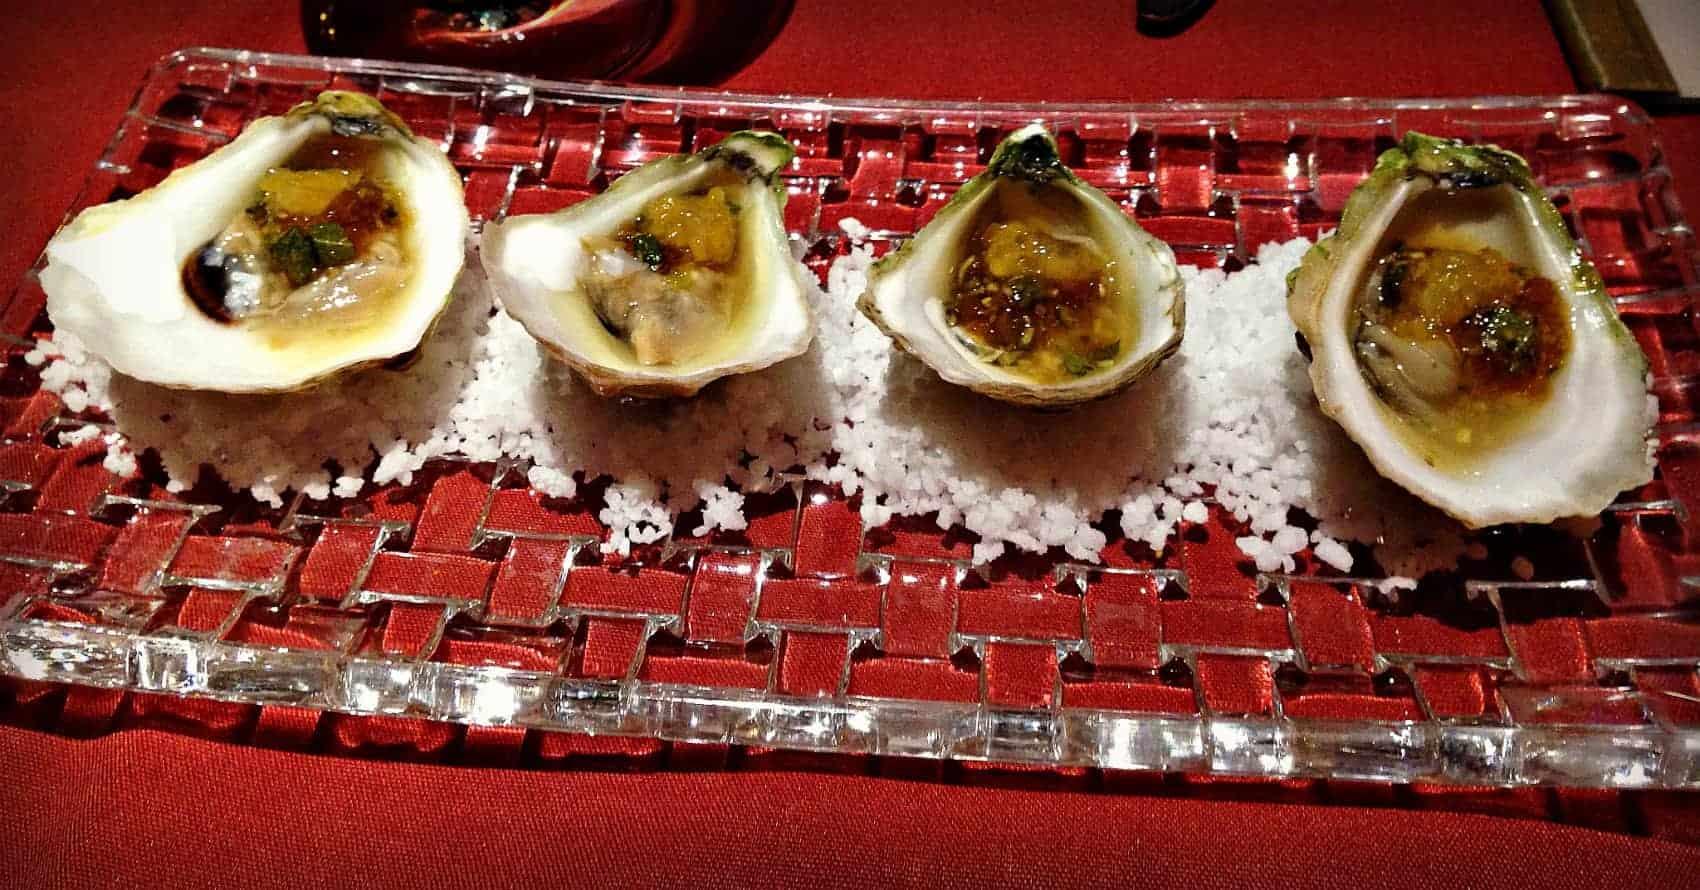 Entrée d'huîtres - restaurant Le Filet